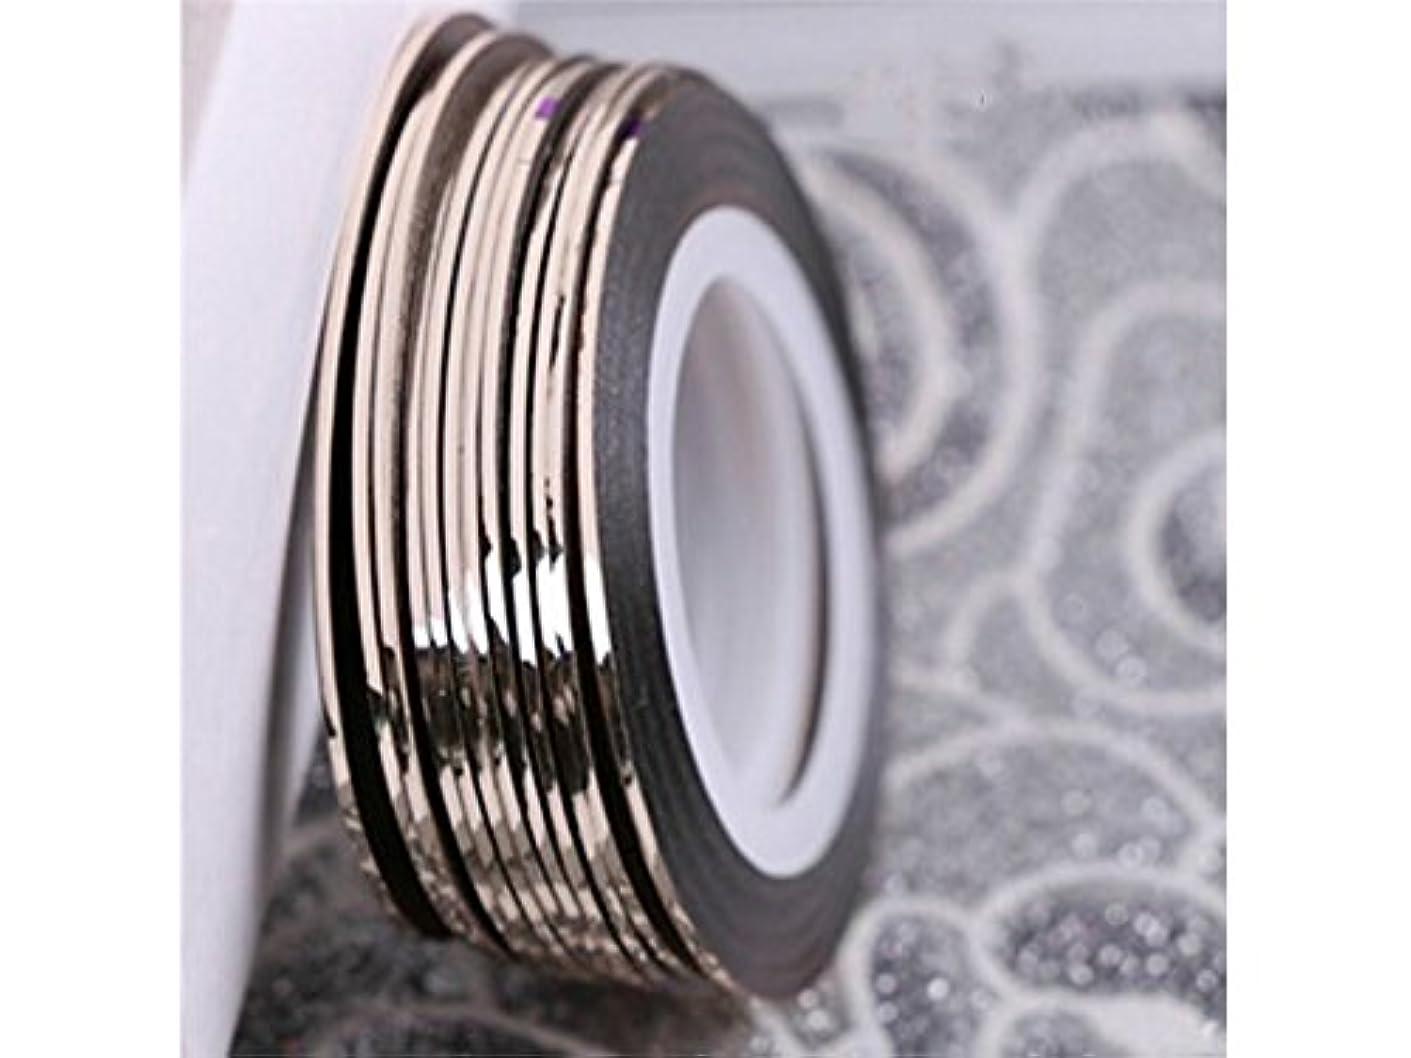 司書野心的現代Osize 3Dクリスタルラインストーングリッターネイルアート装飾合金ネイルアートのヒントDIYネイルアート装飾アクセサリー(銅)